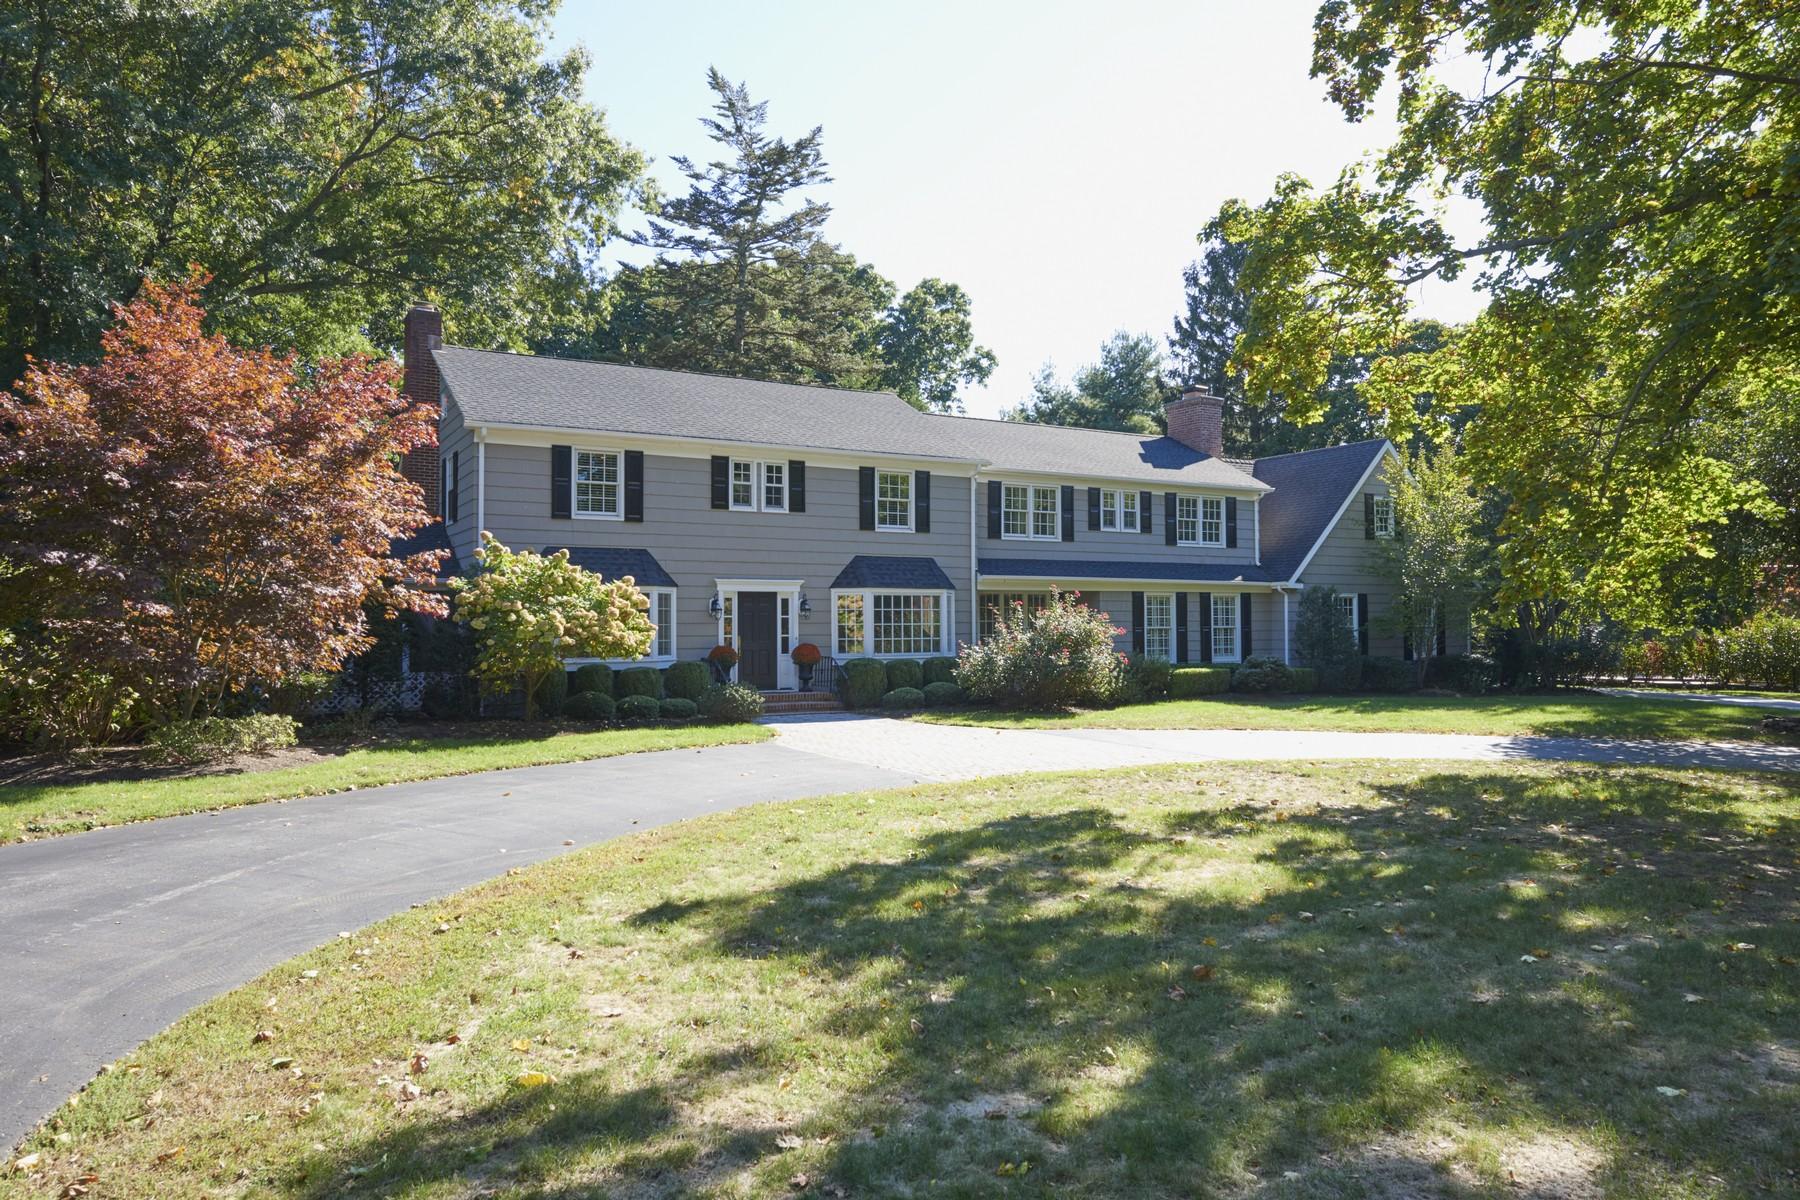 一戸建て のために 売買 アット Charming House 7 Buena Vista Ave Rumson, ニュージャージー, 07760 アメリカ合衆国